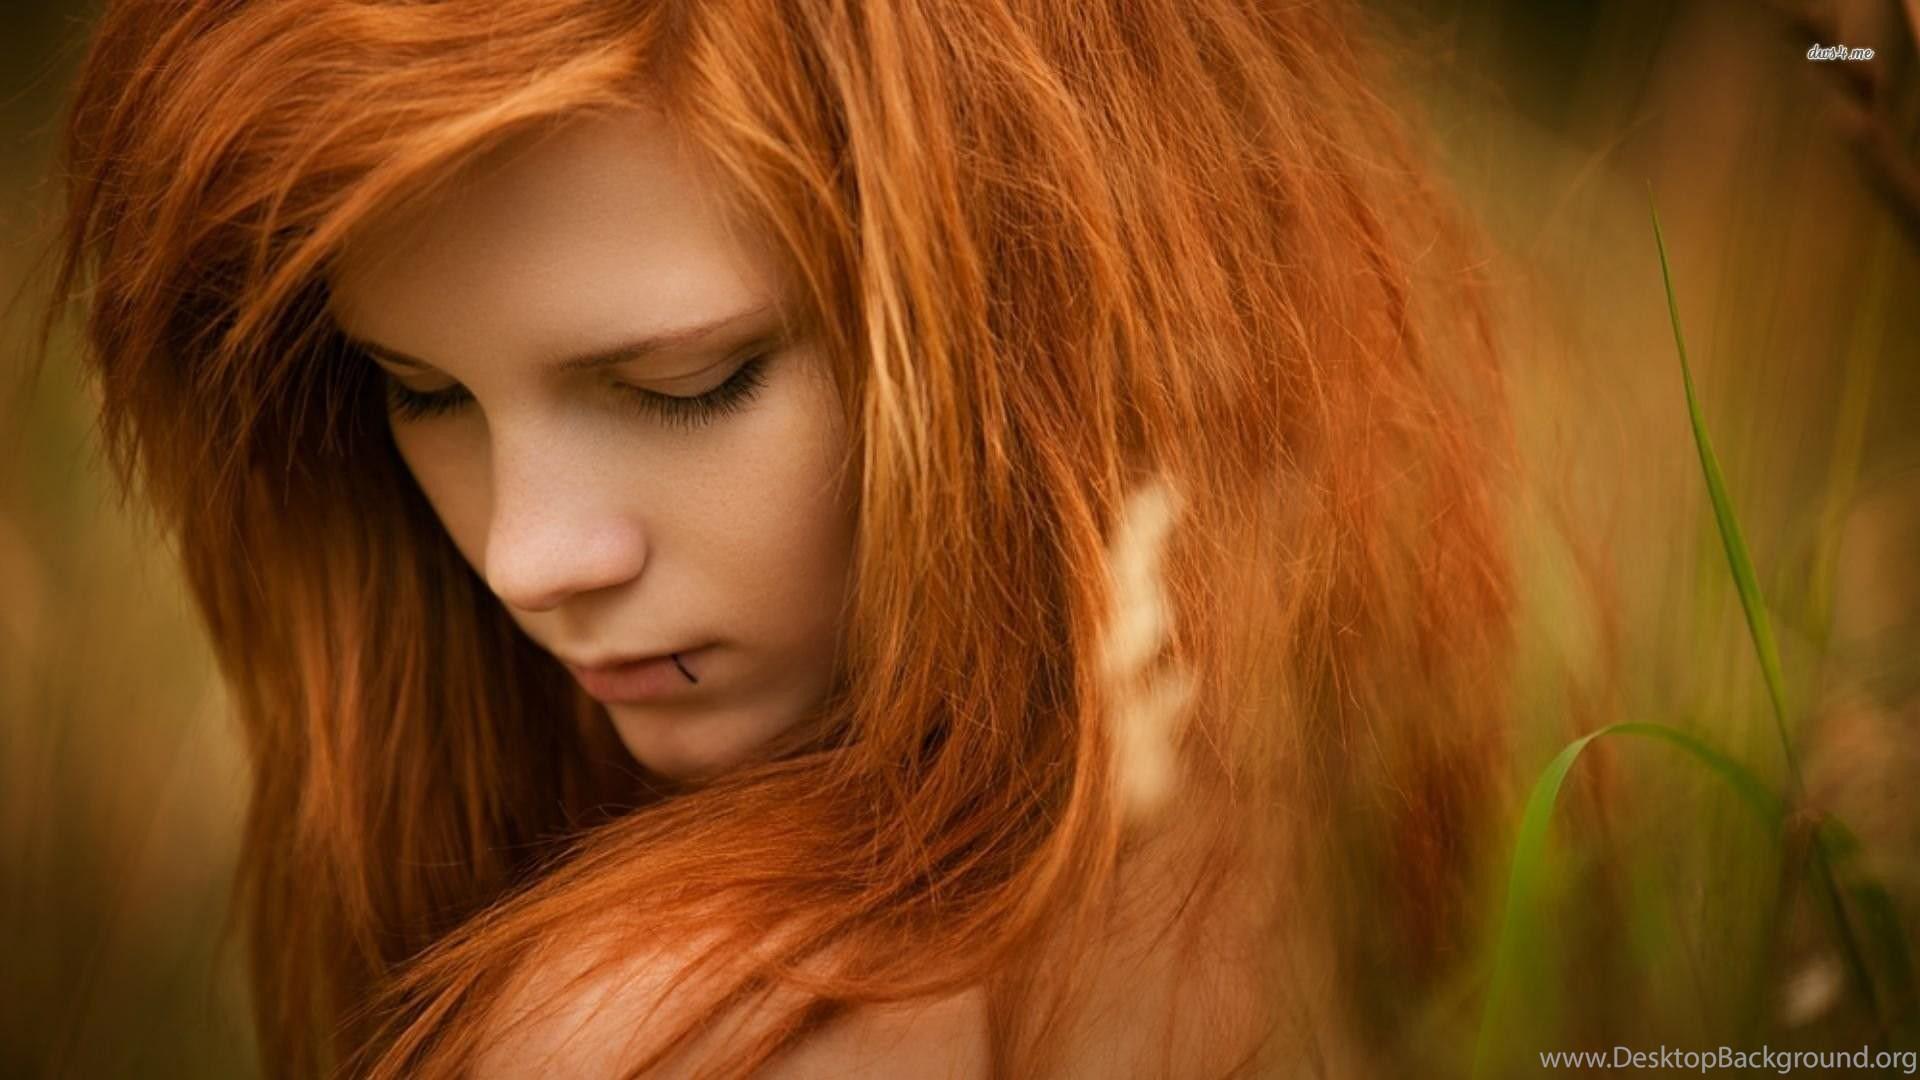 Рыжая девушка отсосала, рыжая сосет: порно видео онлайн, смотреть порно на 20 фотография